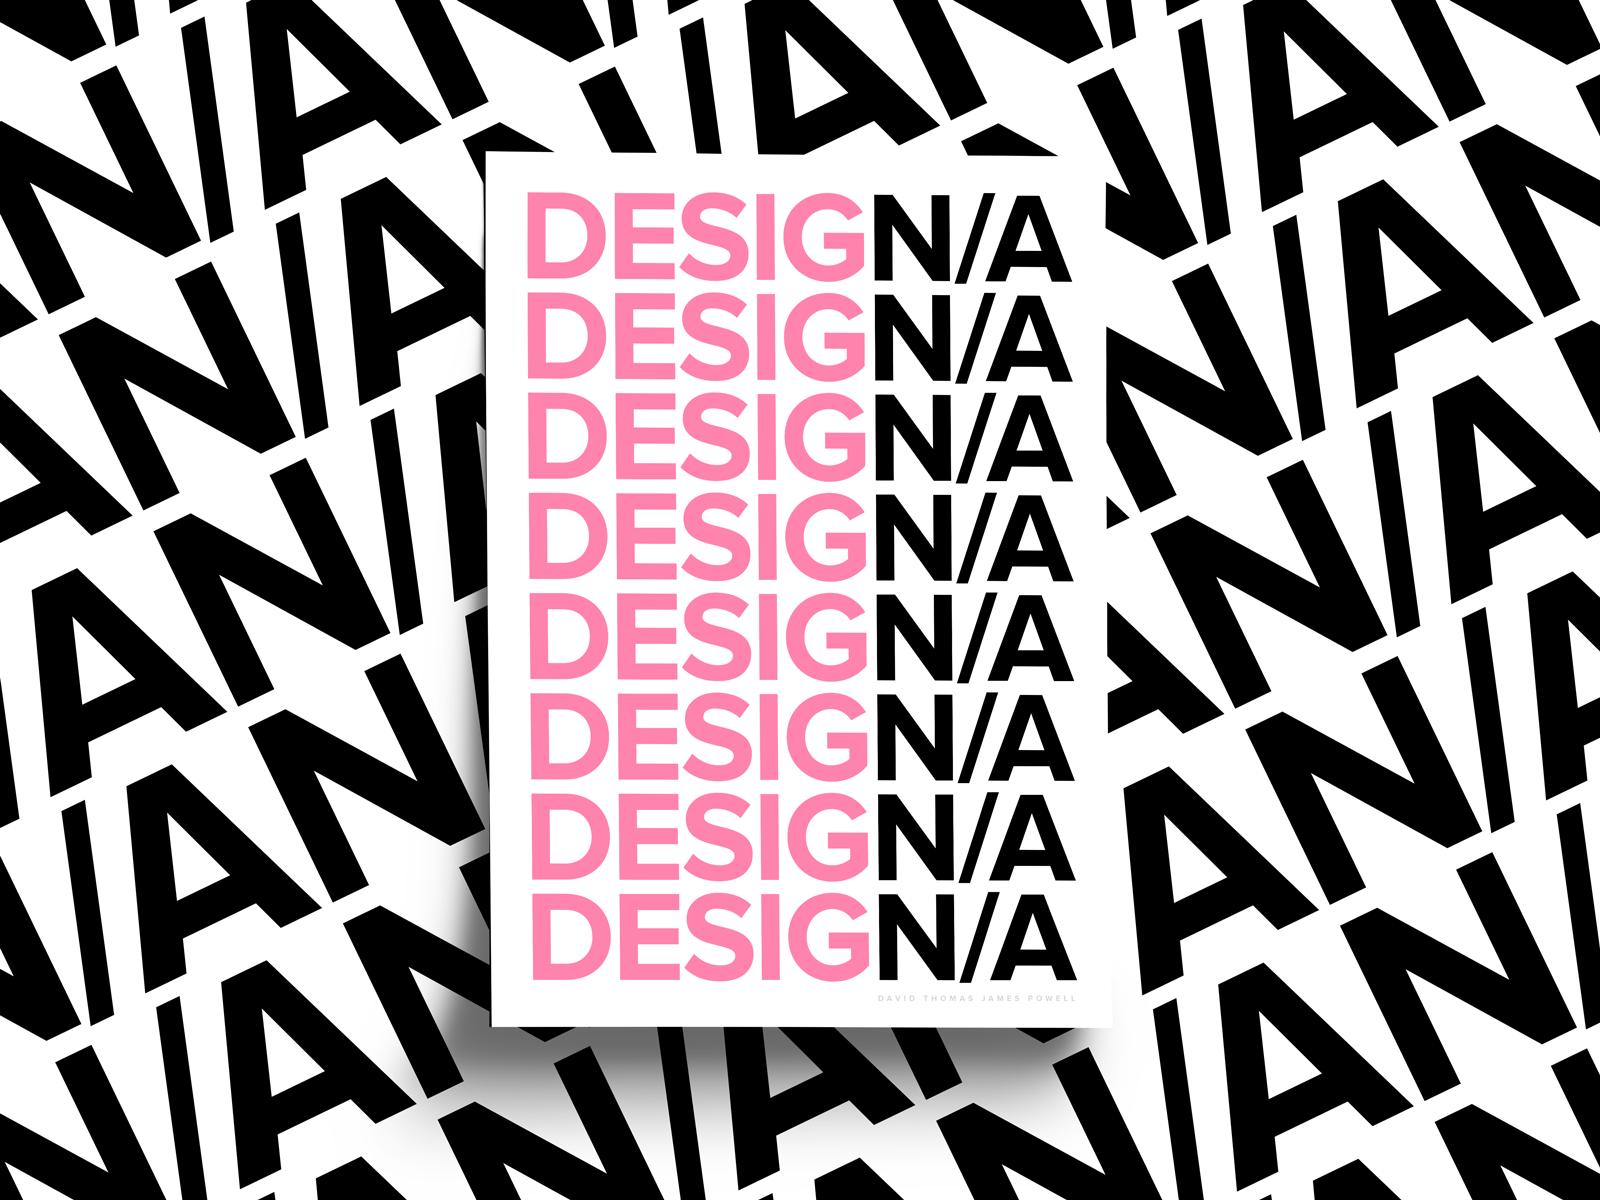 Design N/A